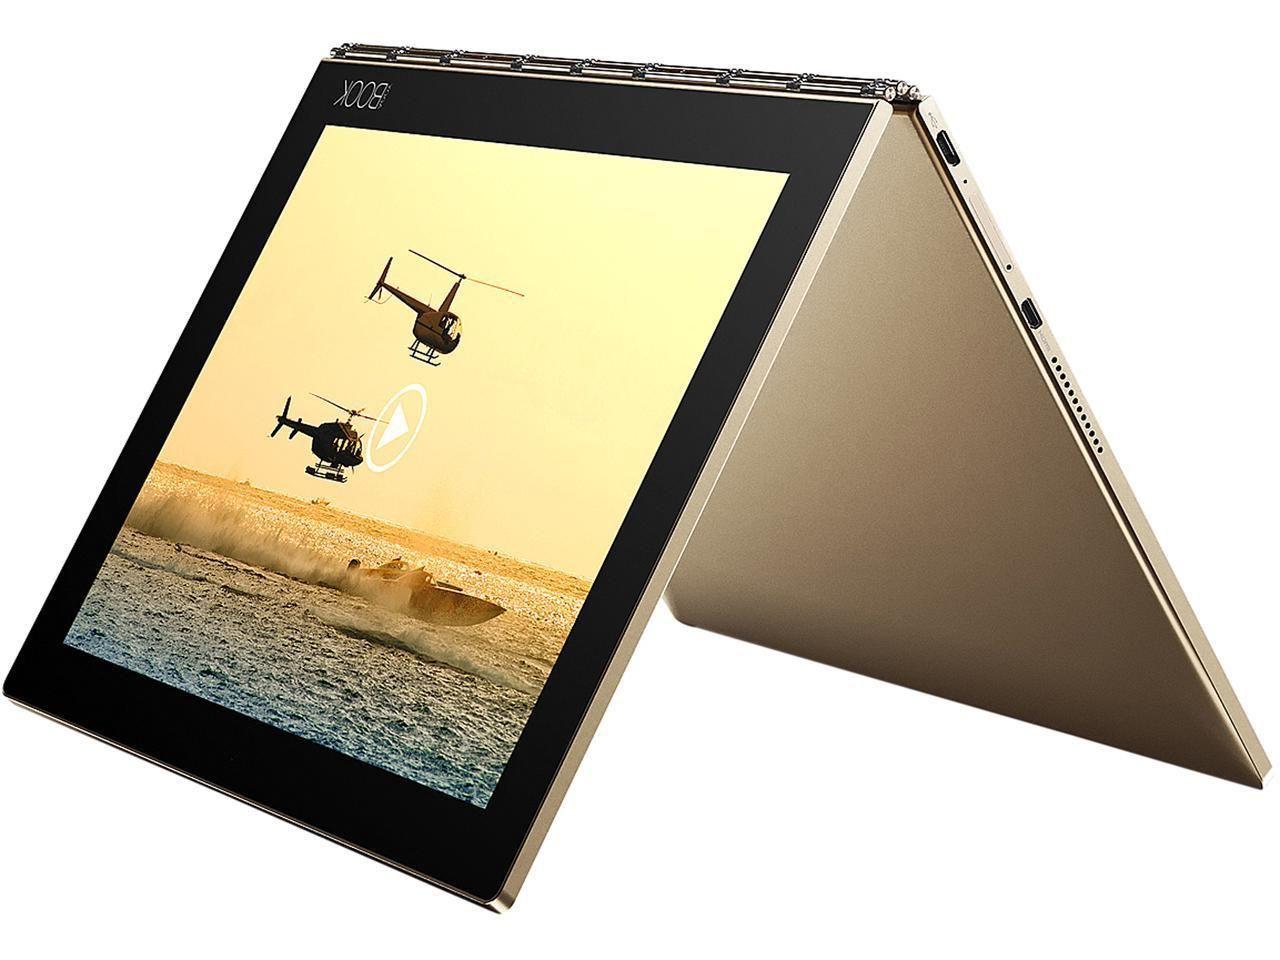 Lenovo Yoga Book ZA0V0091US Intel Atom x5Z8550 (1.44 GHz